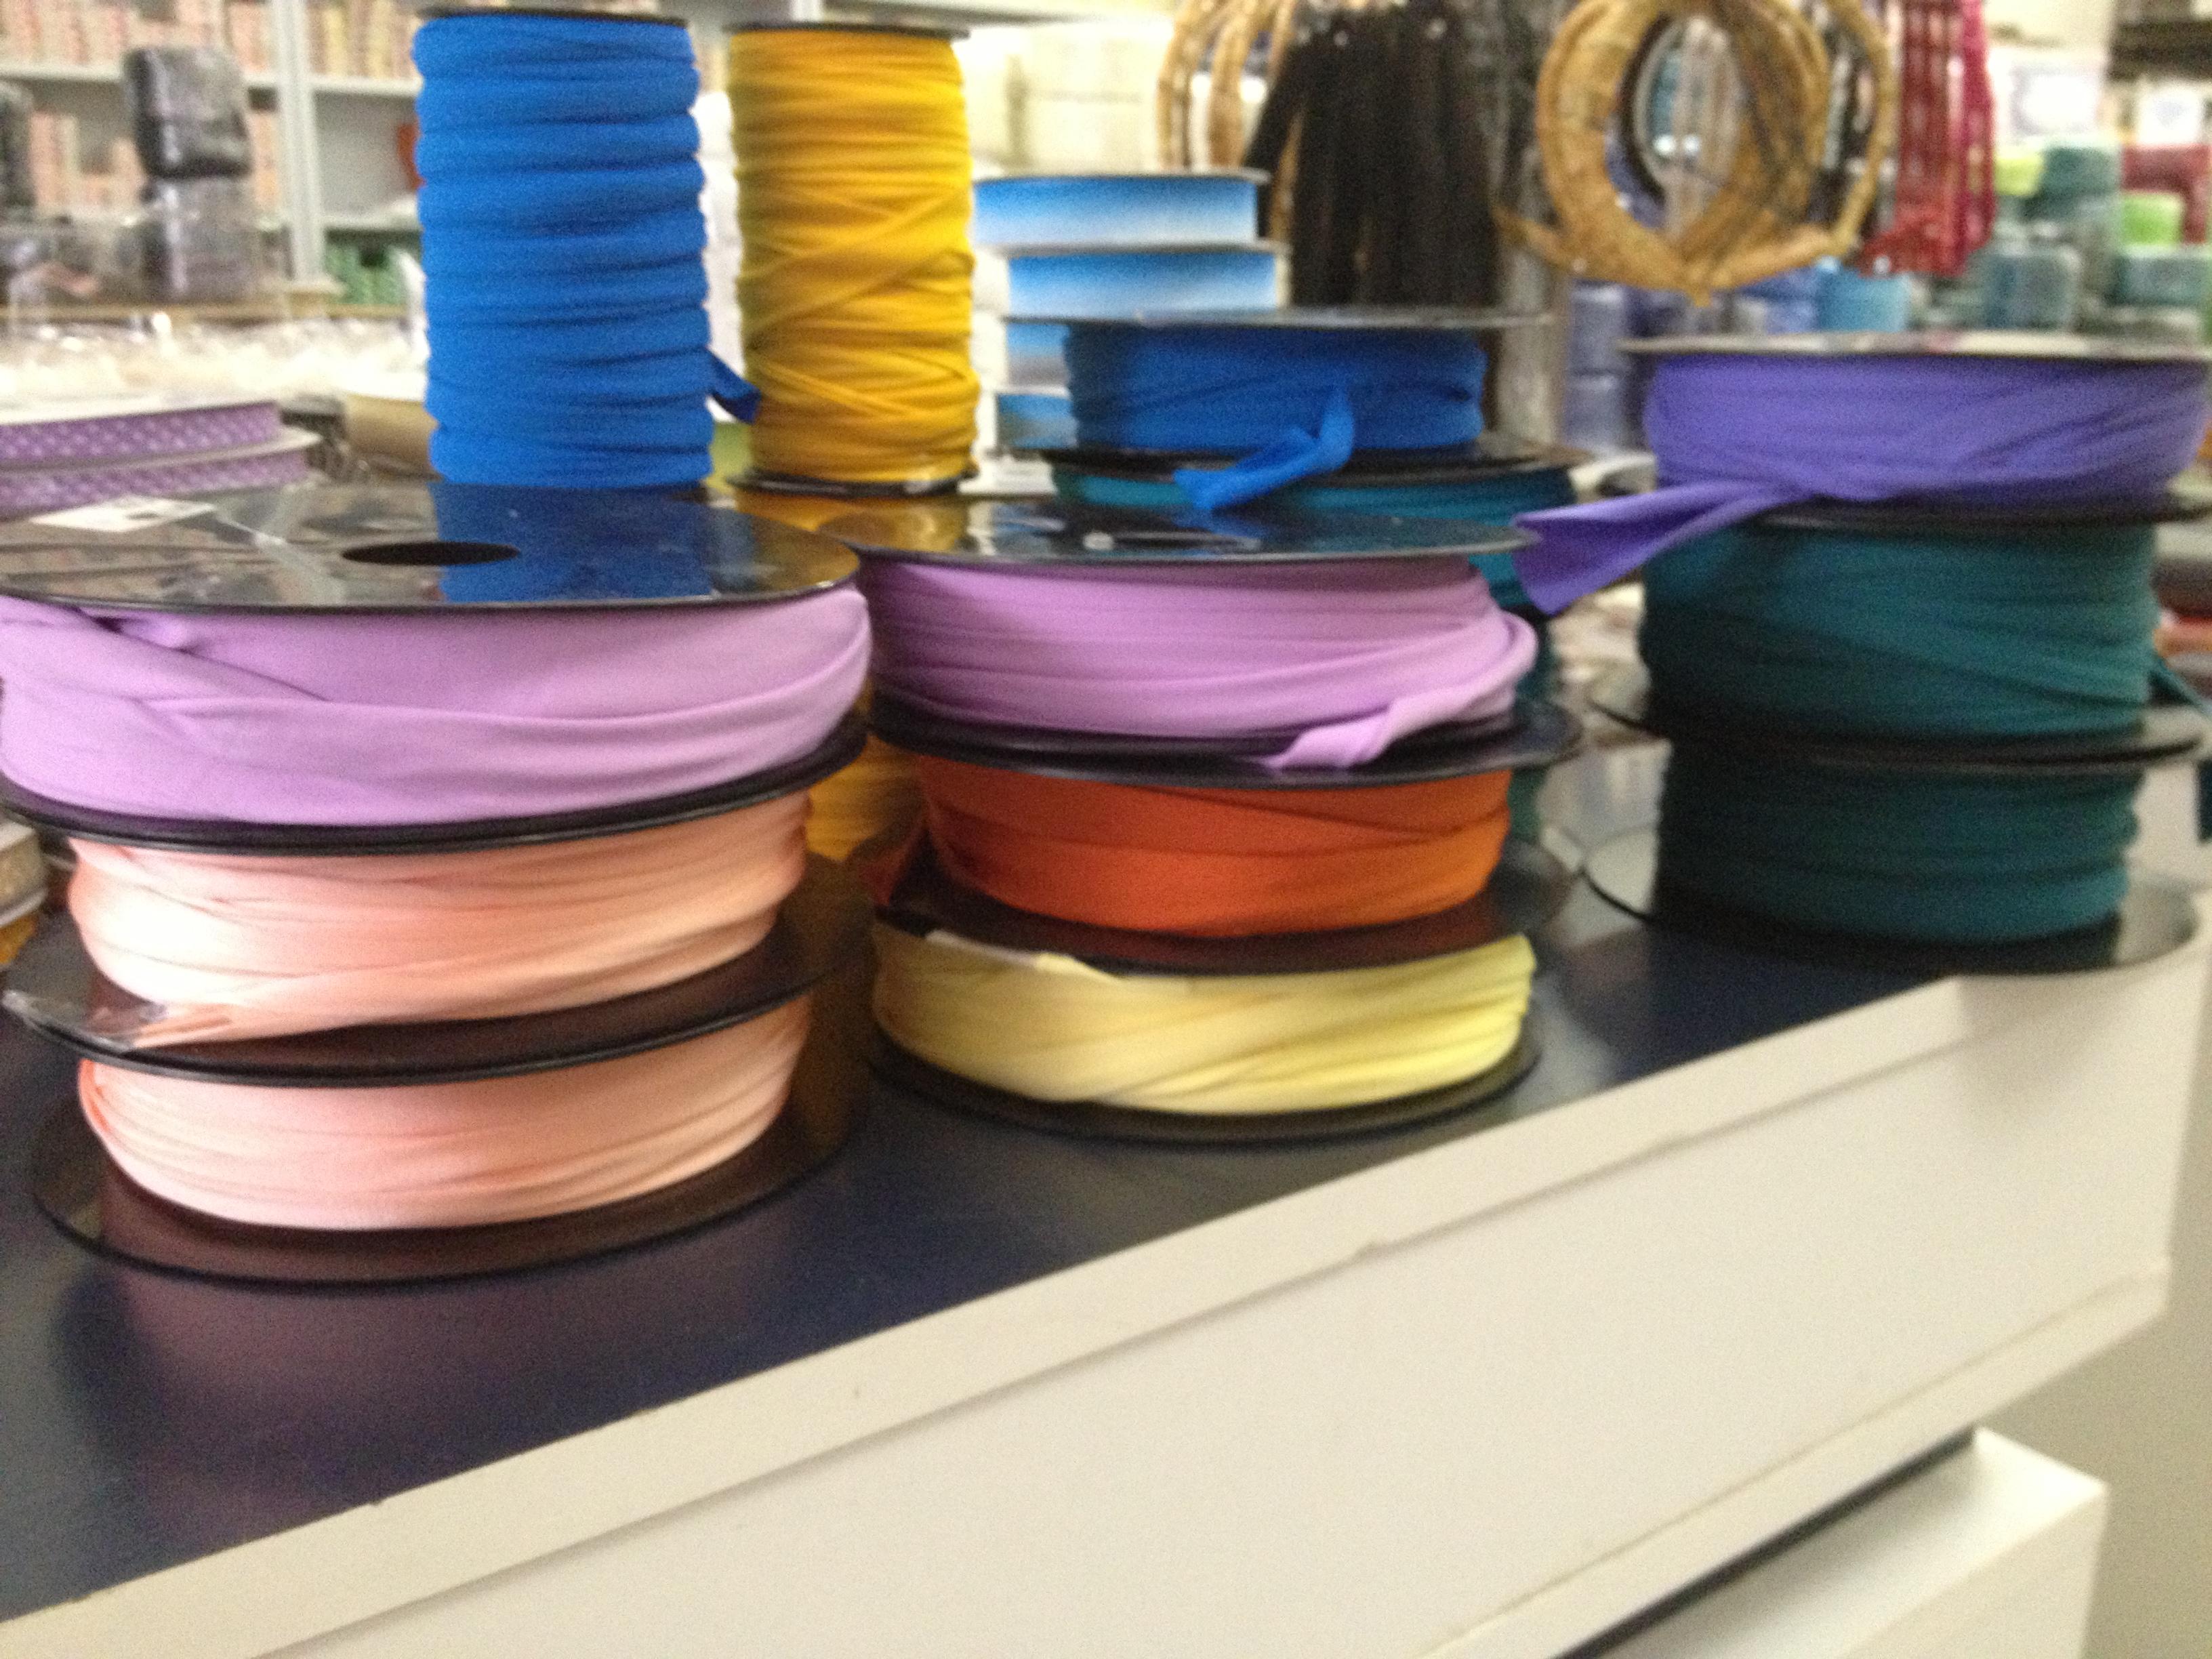 Fettuccia per borse sanotint light tabella colori for Colori sanotint light